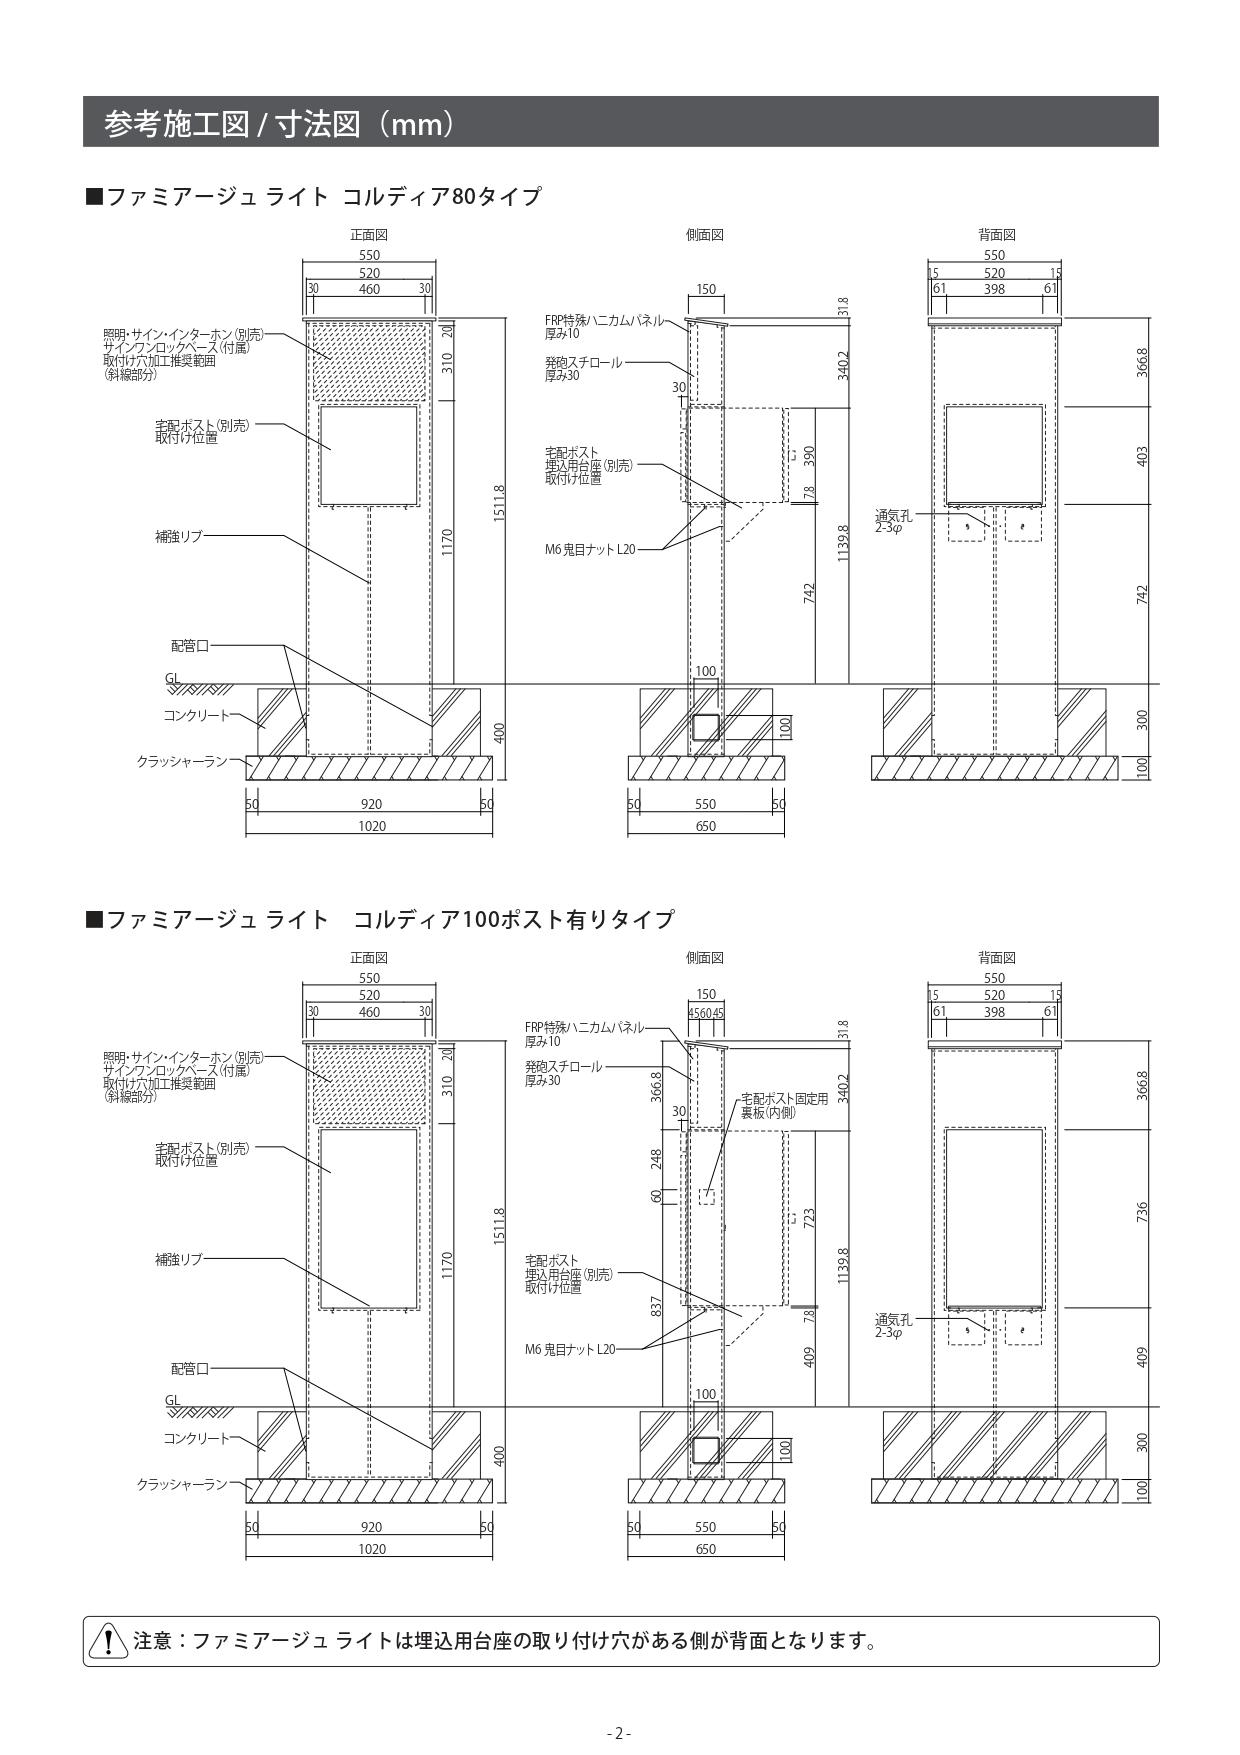 ファミアージュライト_取扱説明書_page-0002